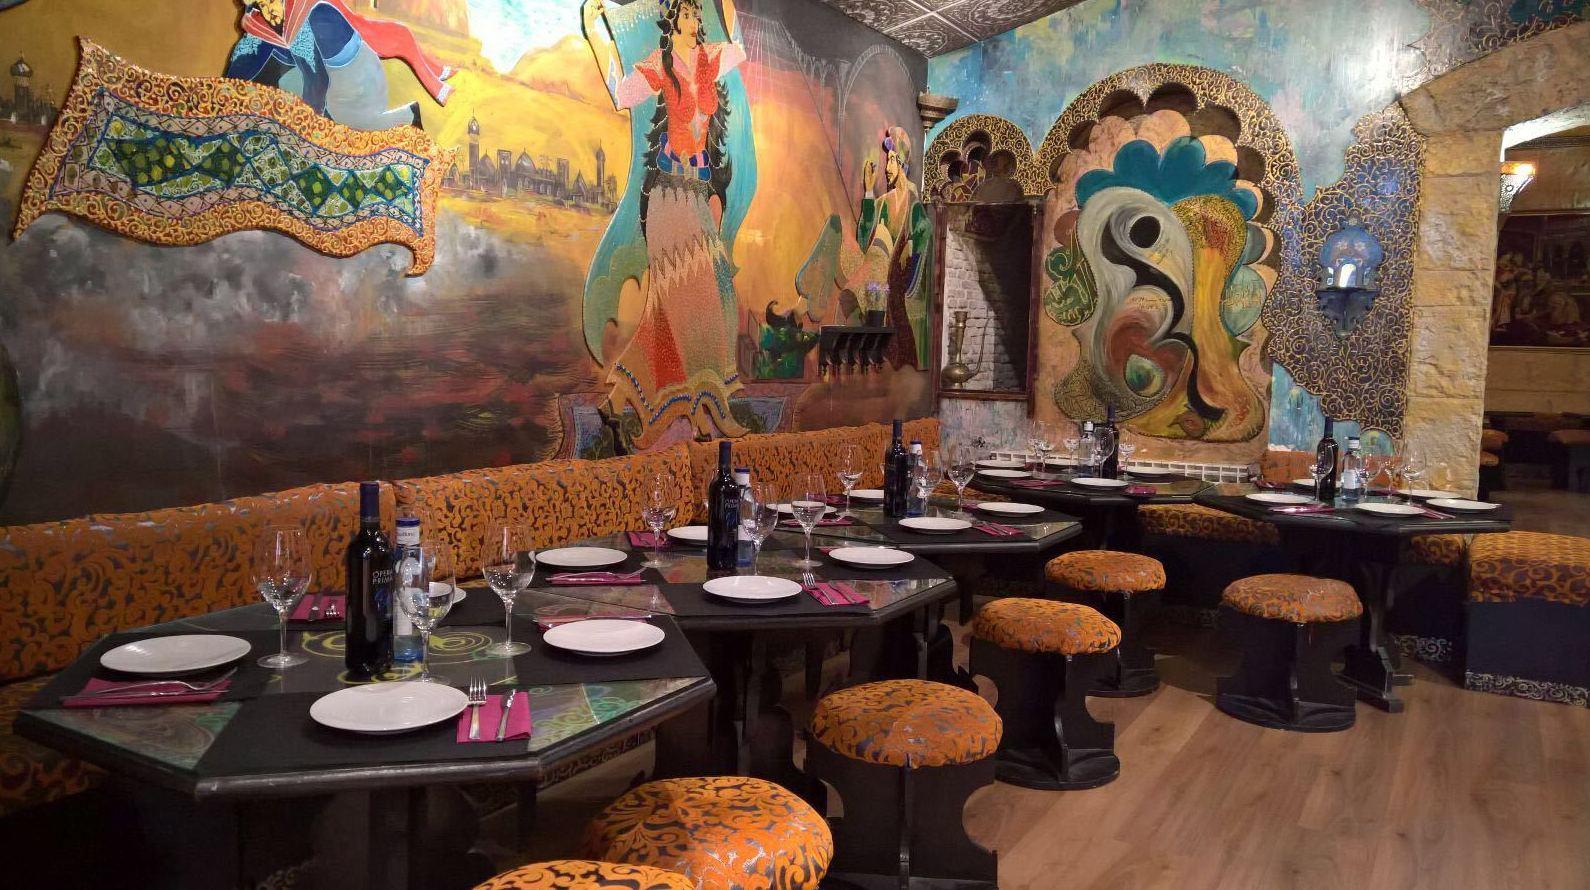 Foto 17 de Cocina árabe en Madrid | Las Mil y una Noches